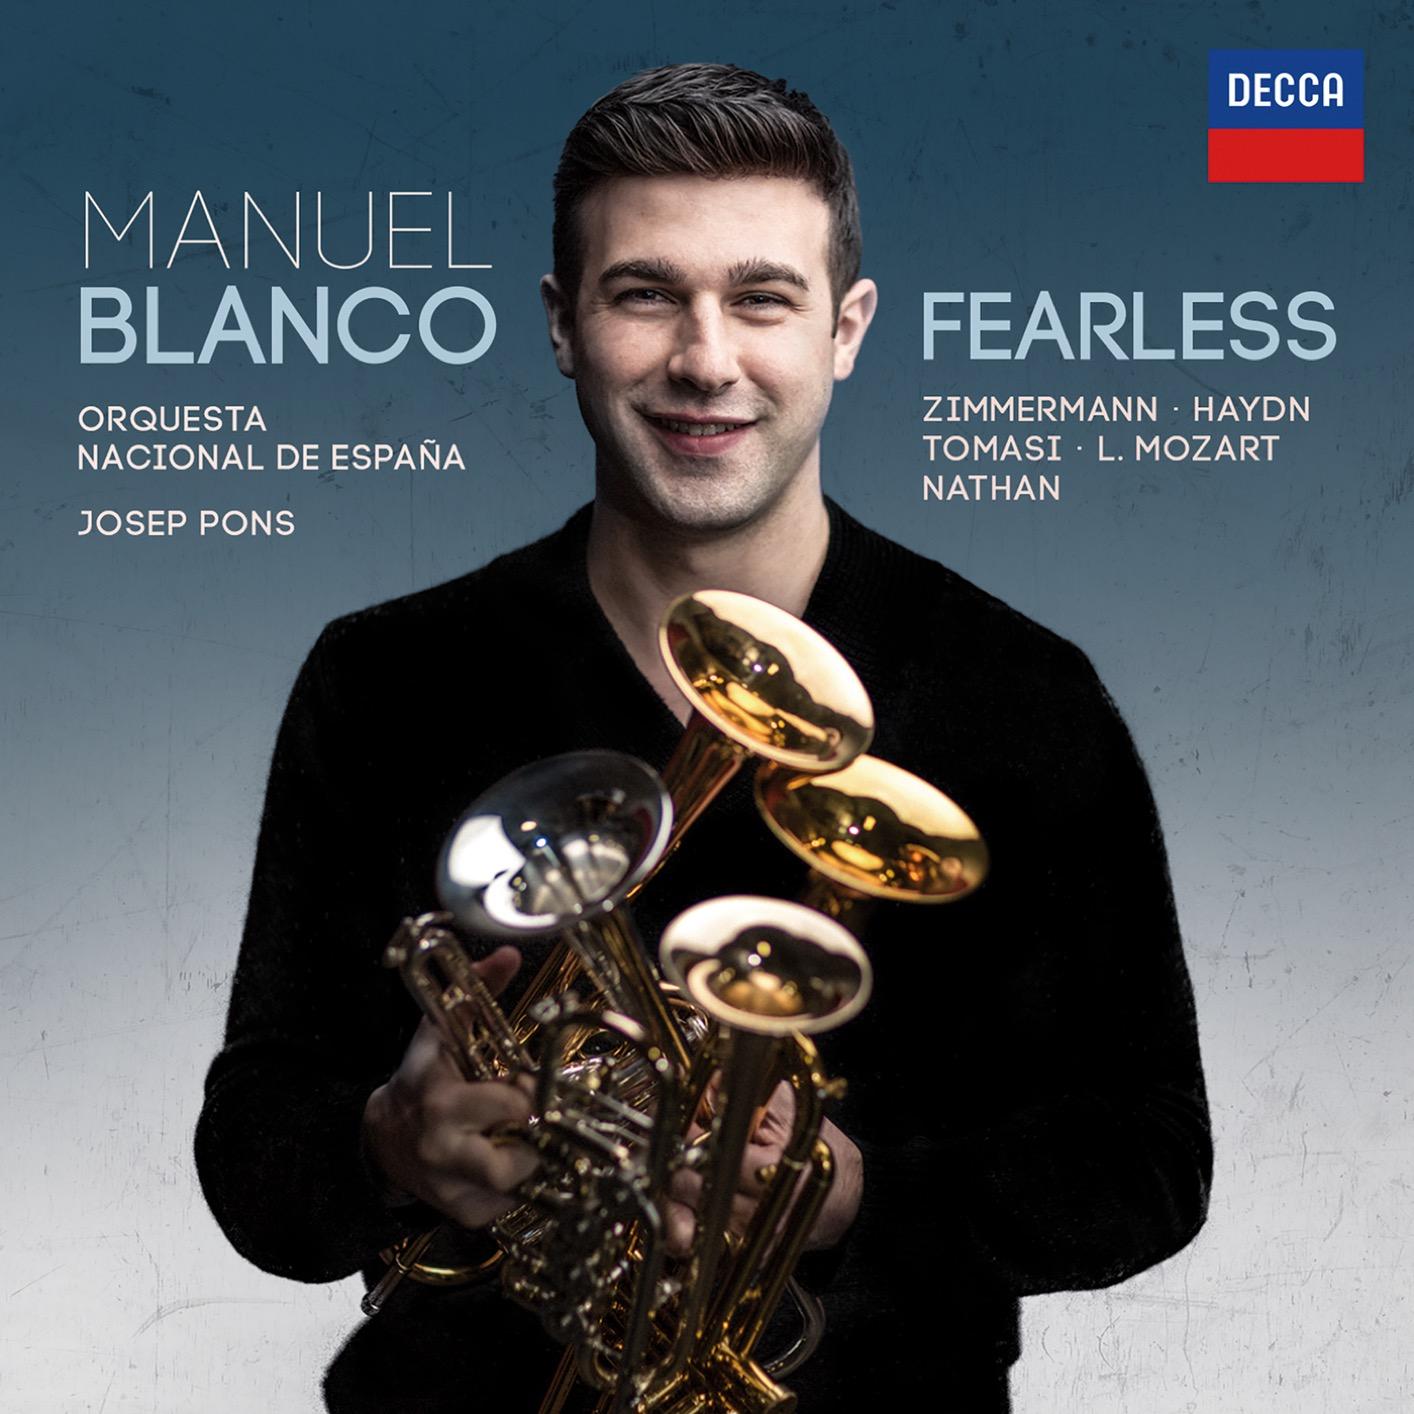 Fearless de Manuel Blanco